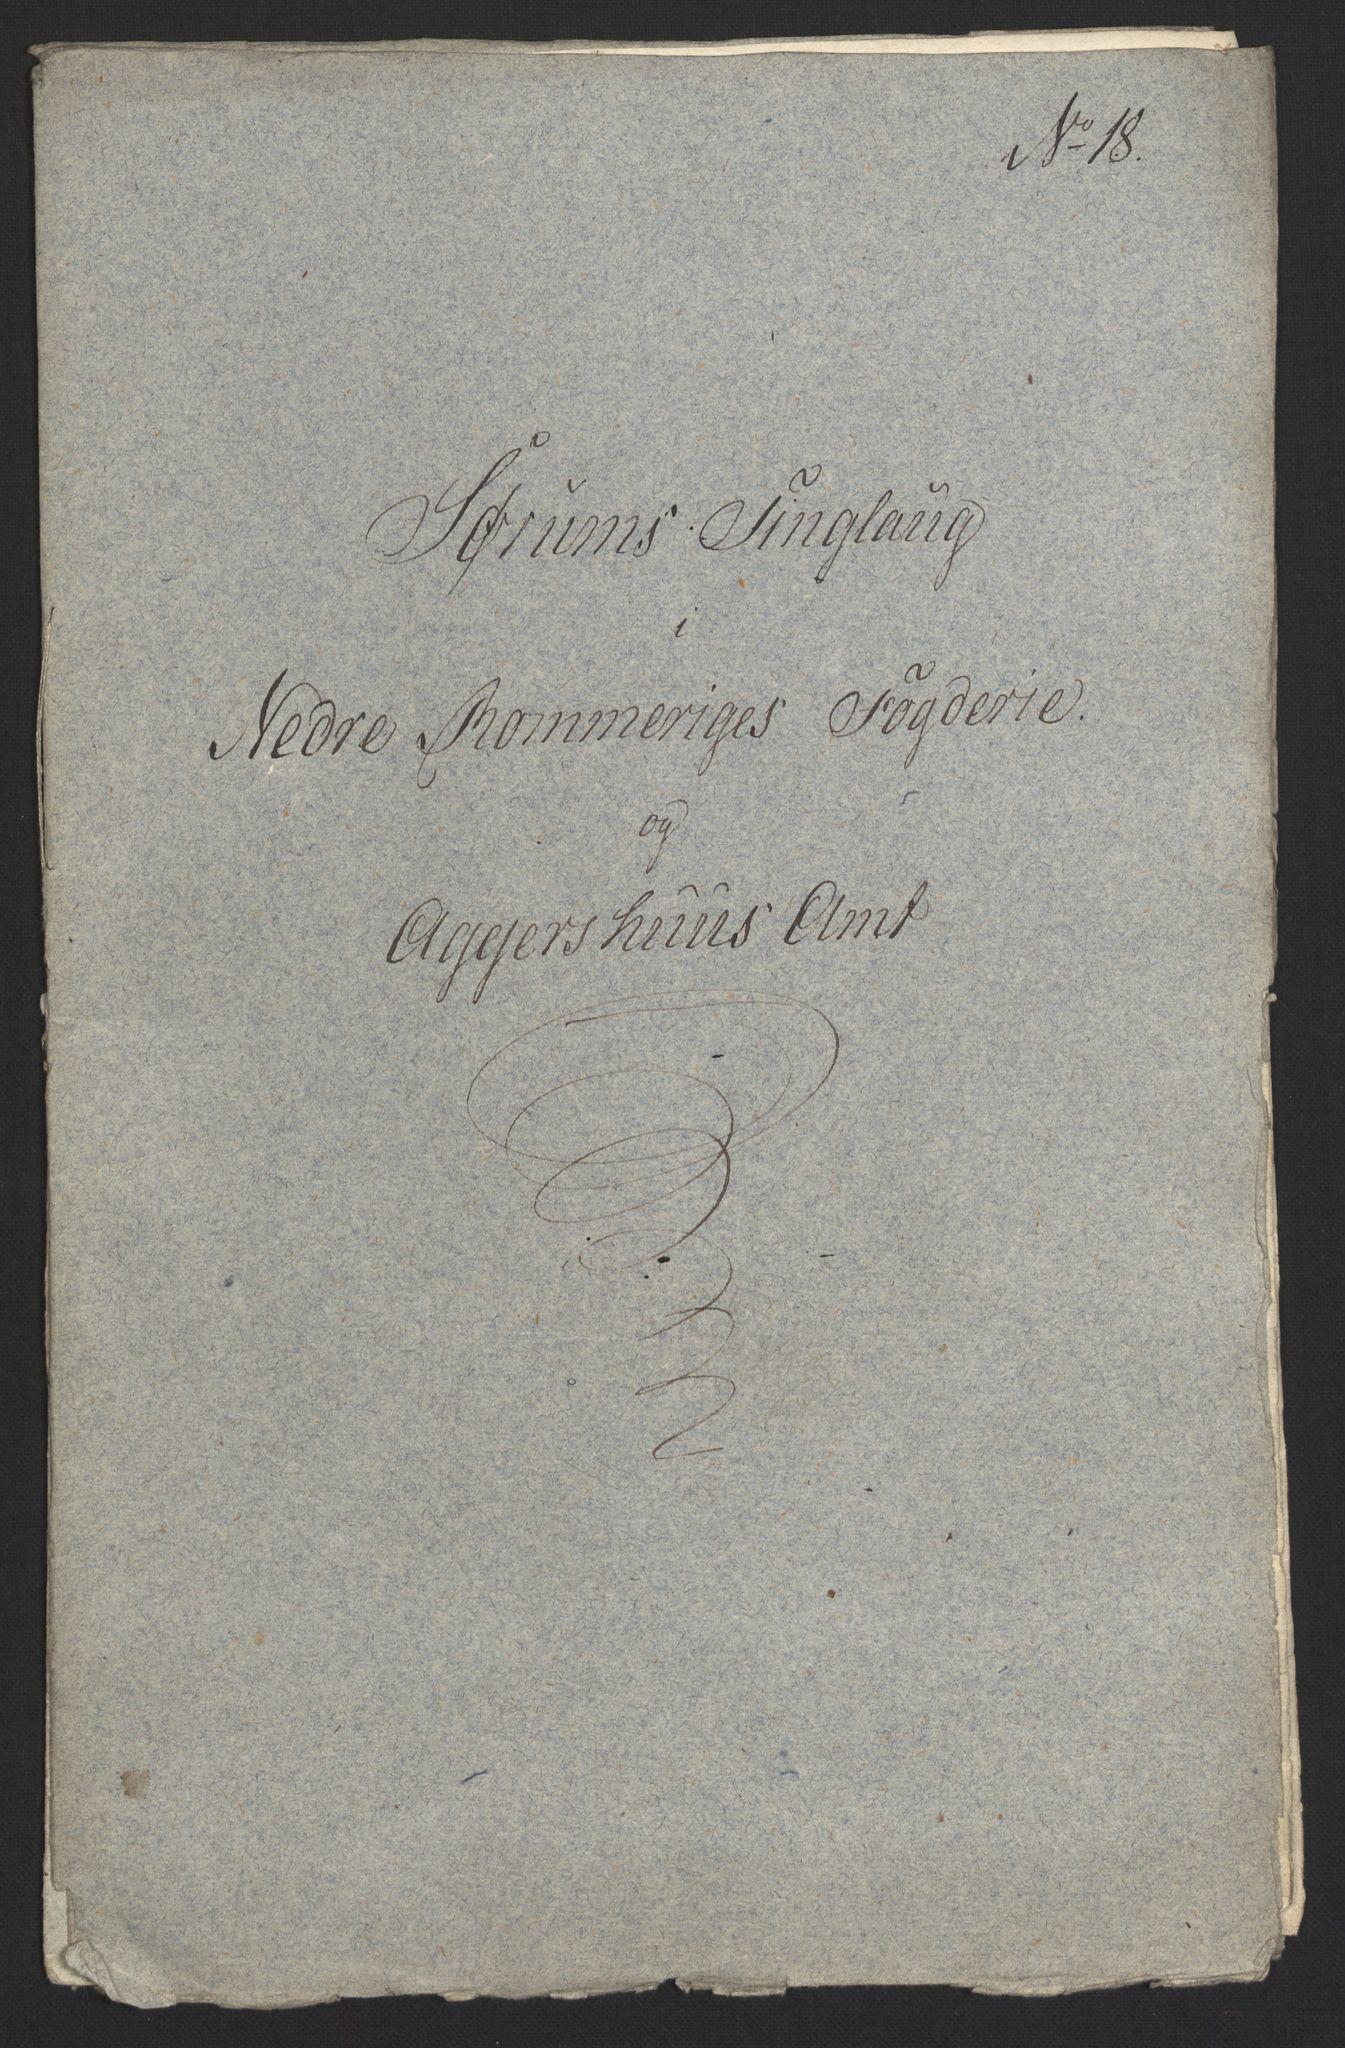 NOBA, Norges Bank/Sølvskatten 1816*, 1816, s. 22